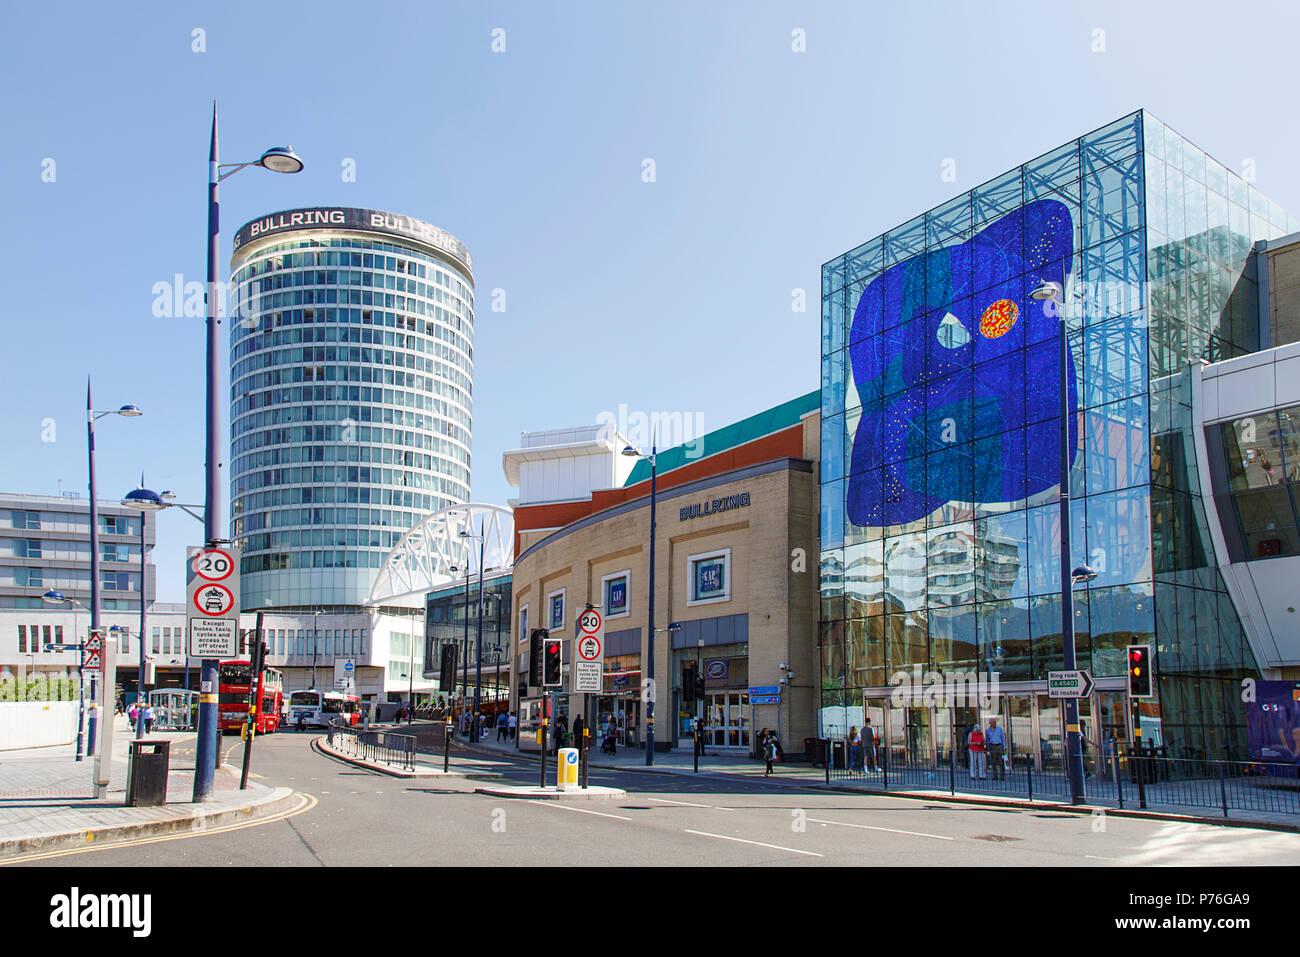 Birmingham, Vereinigtes Königreich: 29. Juni 2018: Der Bullring Shopping Centre - Birmingham. Menschen, die über die Straße zum Grand Central Station auf Smallbrook Queensway. Stockbild